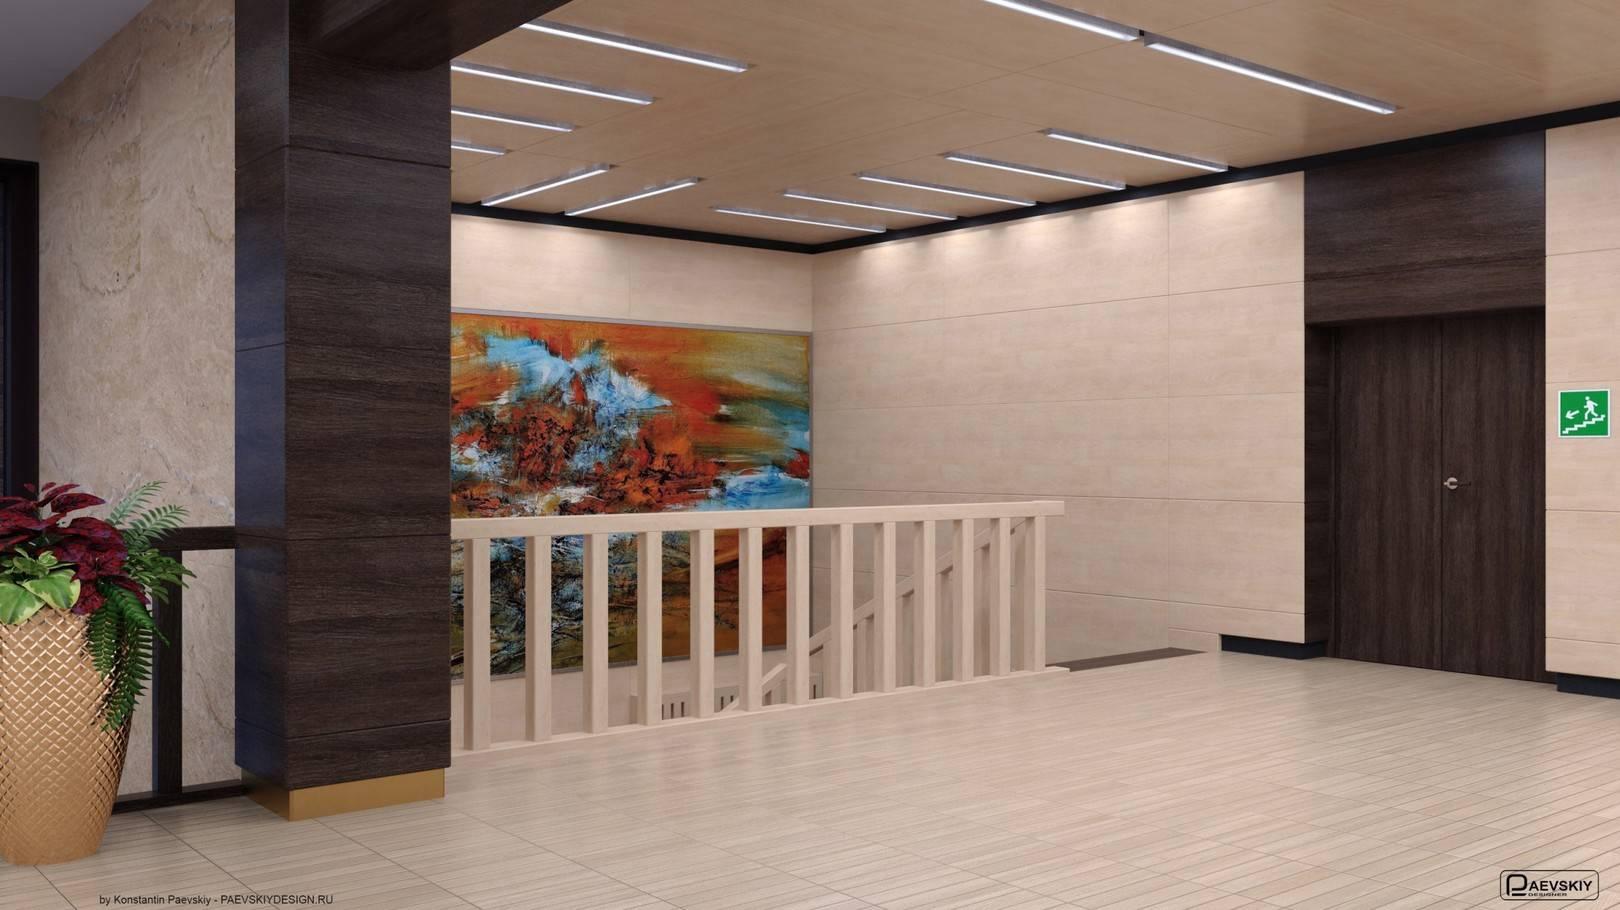 Лестница в выставочную галерею 1-2 этажи